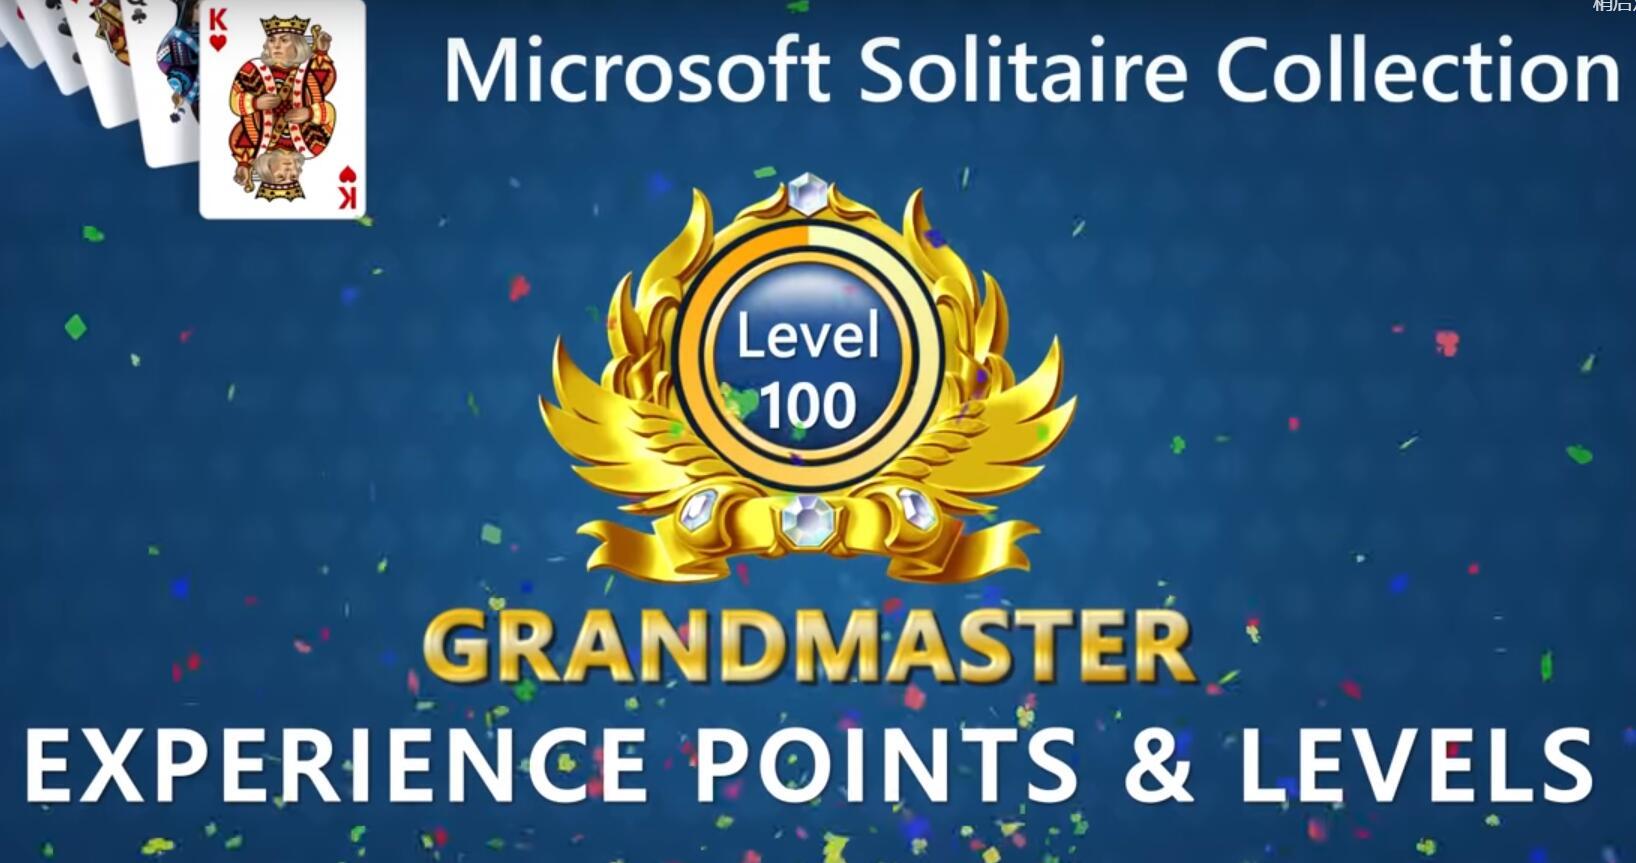 回味经典 微软宣布将为Win10版《纸牌》更新等级系统